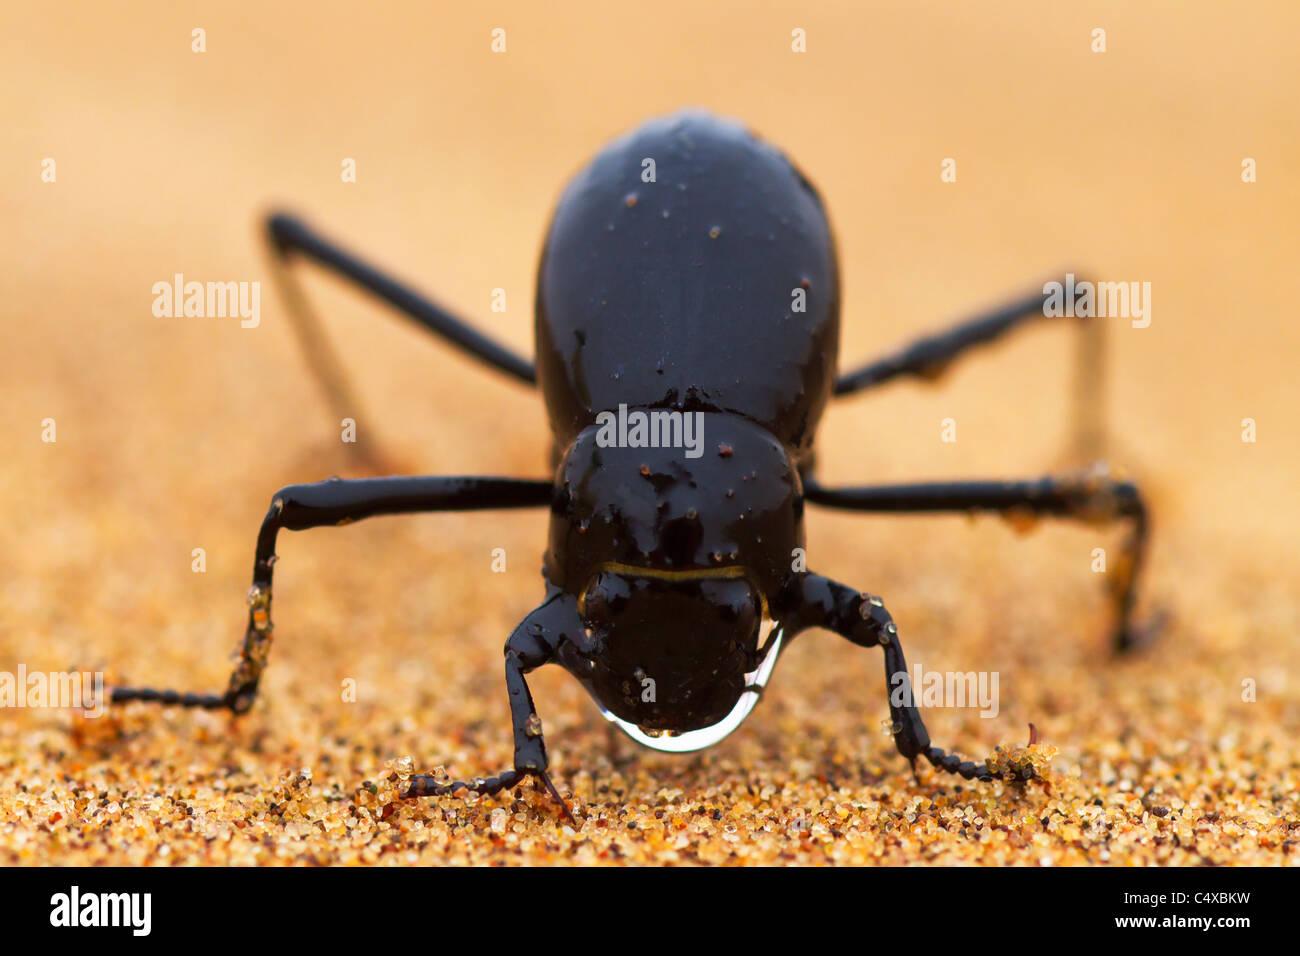 The Namib Desert beetle (genus Stenocara) fog basking. Namibia Stock Photo